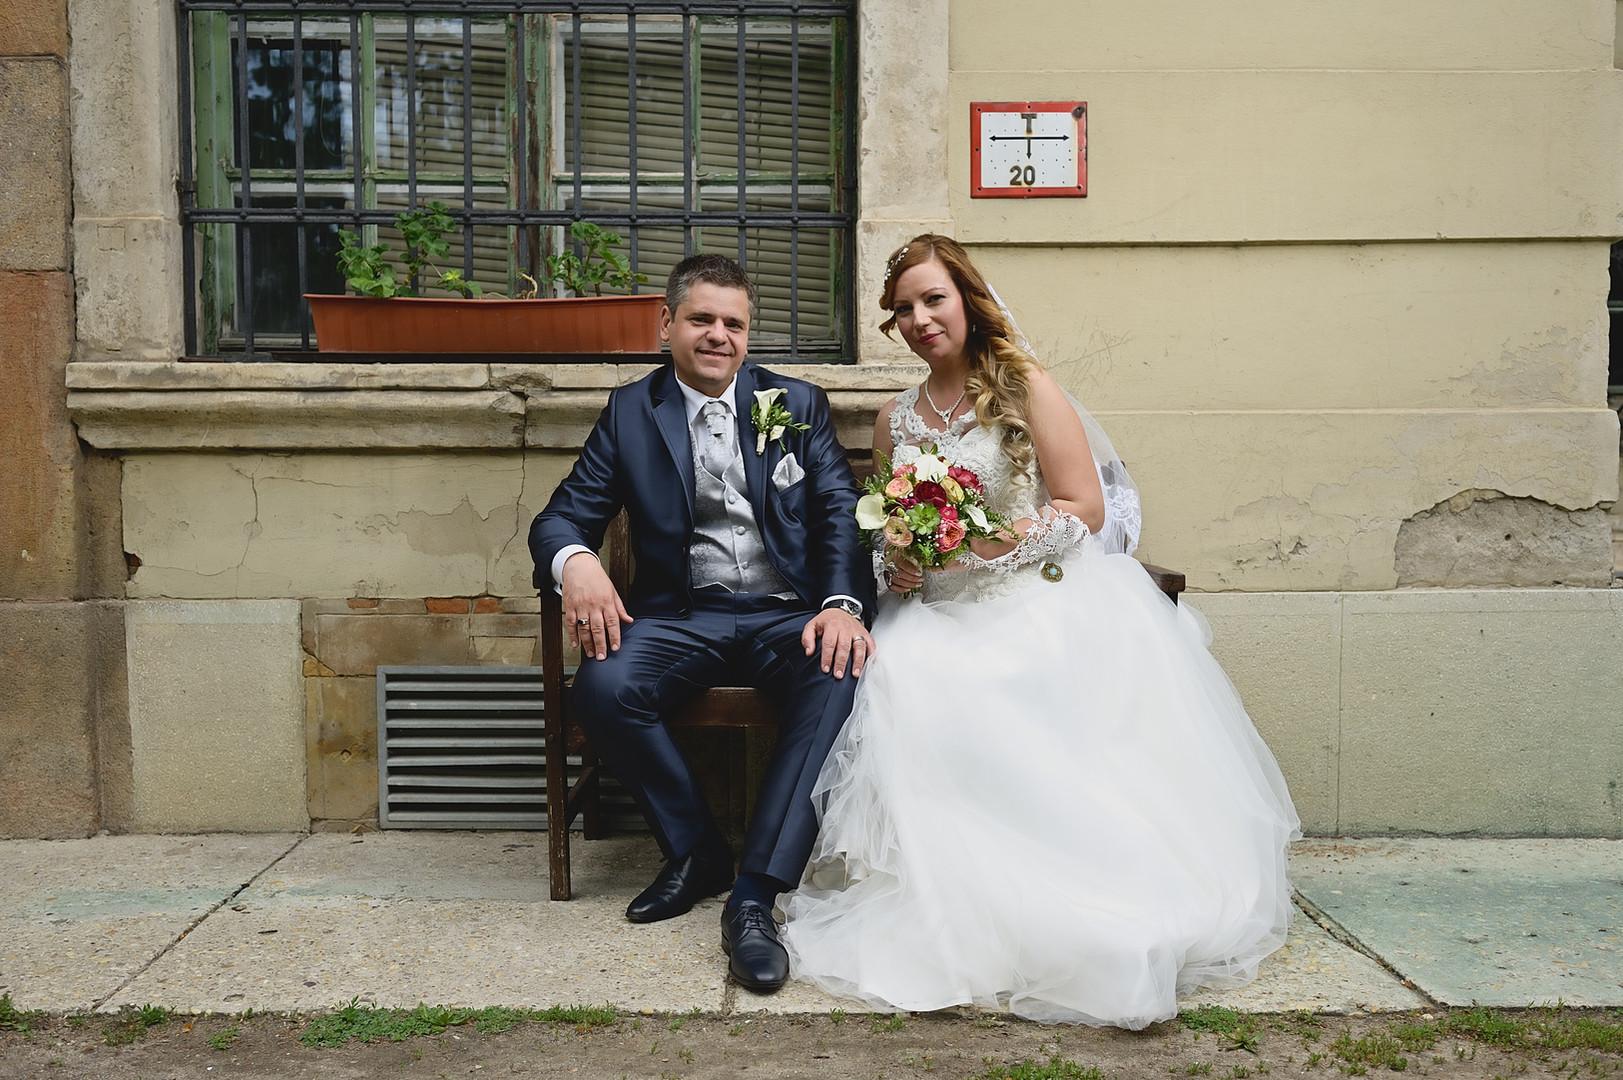 403  Esküvői fotózás - Enikő és Peti KRE